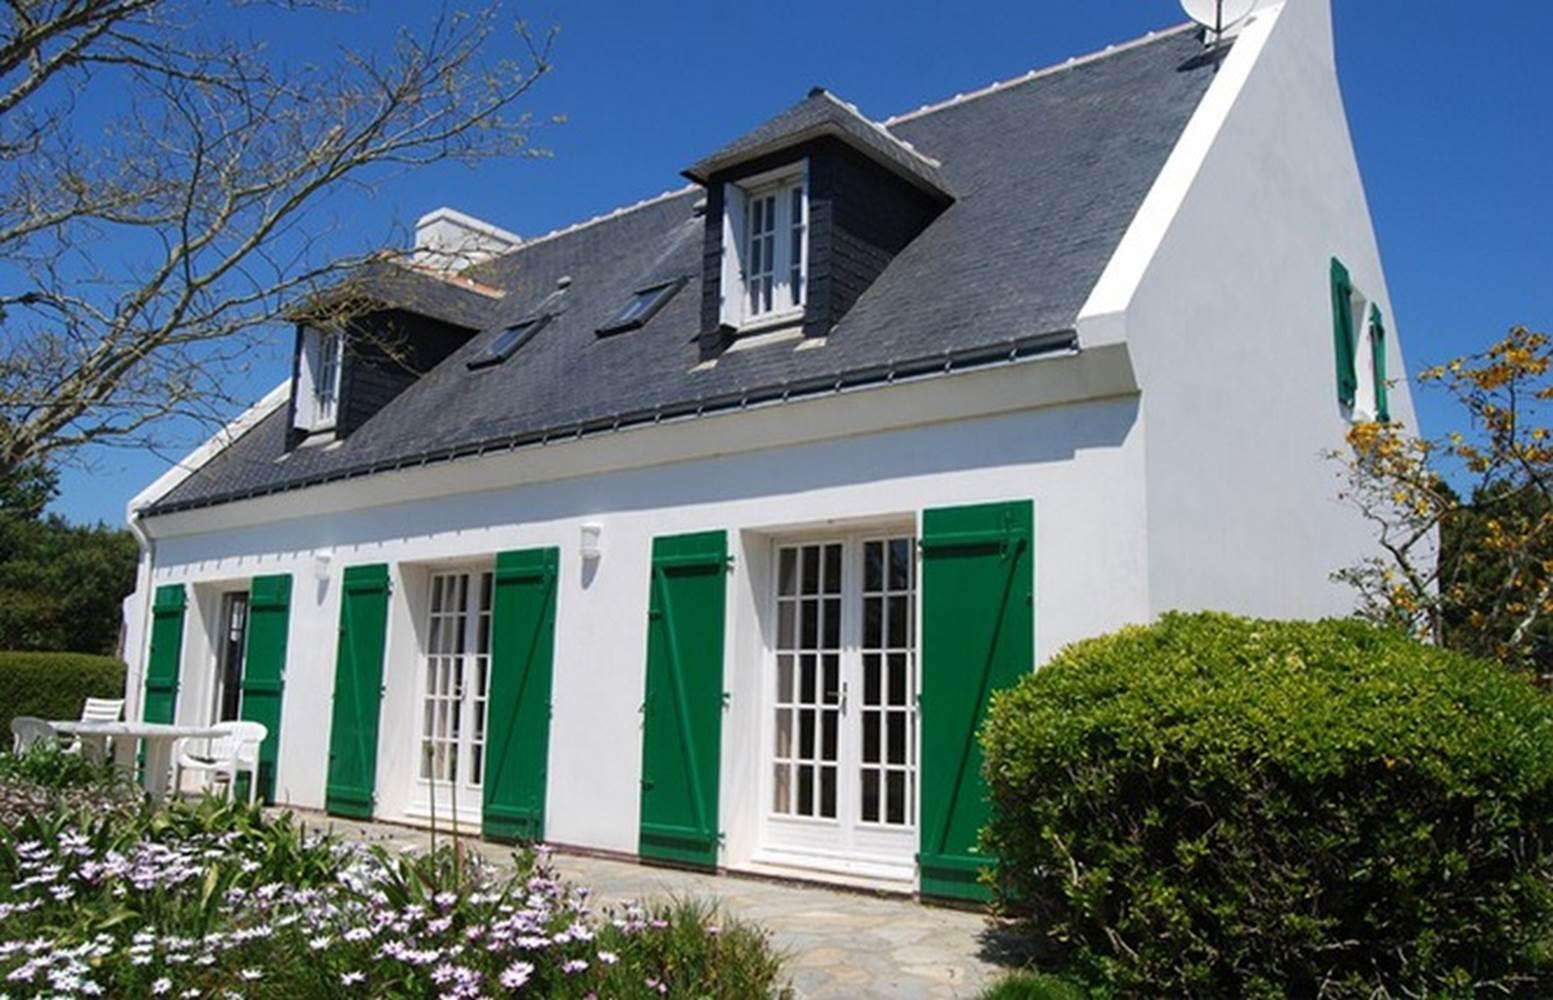 Gîte n°56G15212 – BELLE-ILE-EN-MER - LE PALAIS – Morbihan Bretagne Sud © GITES DE France 56